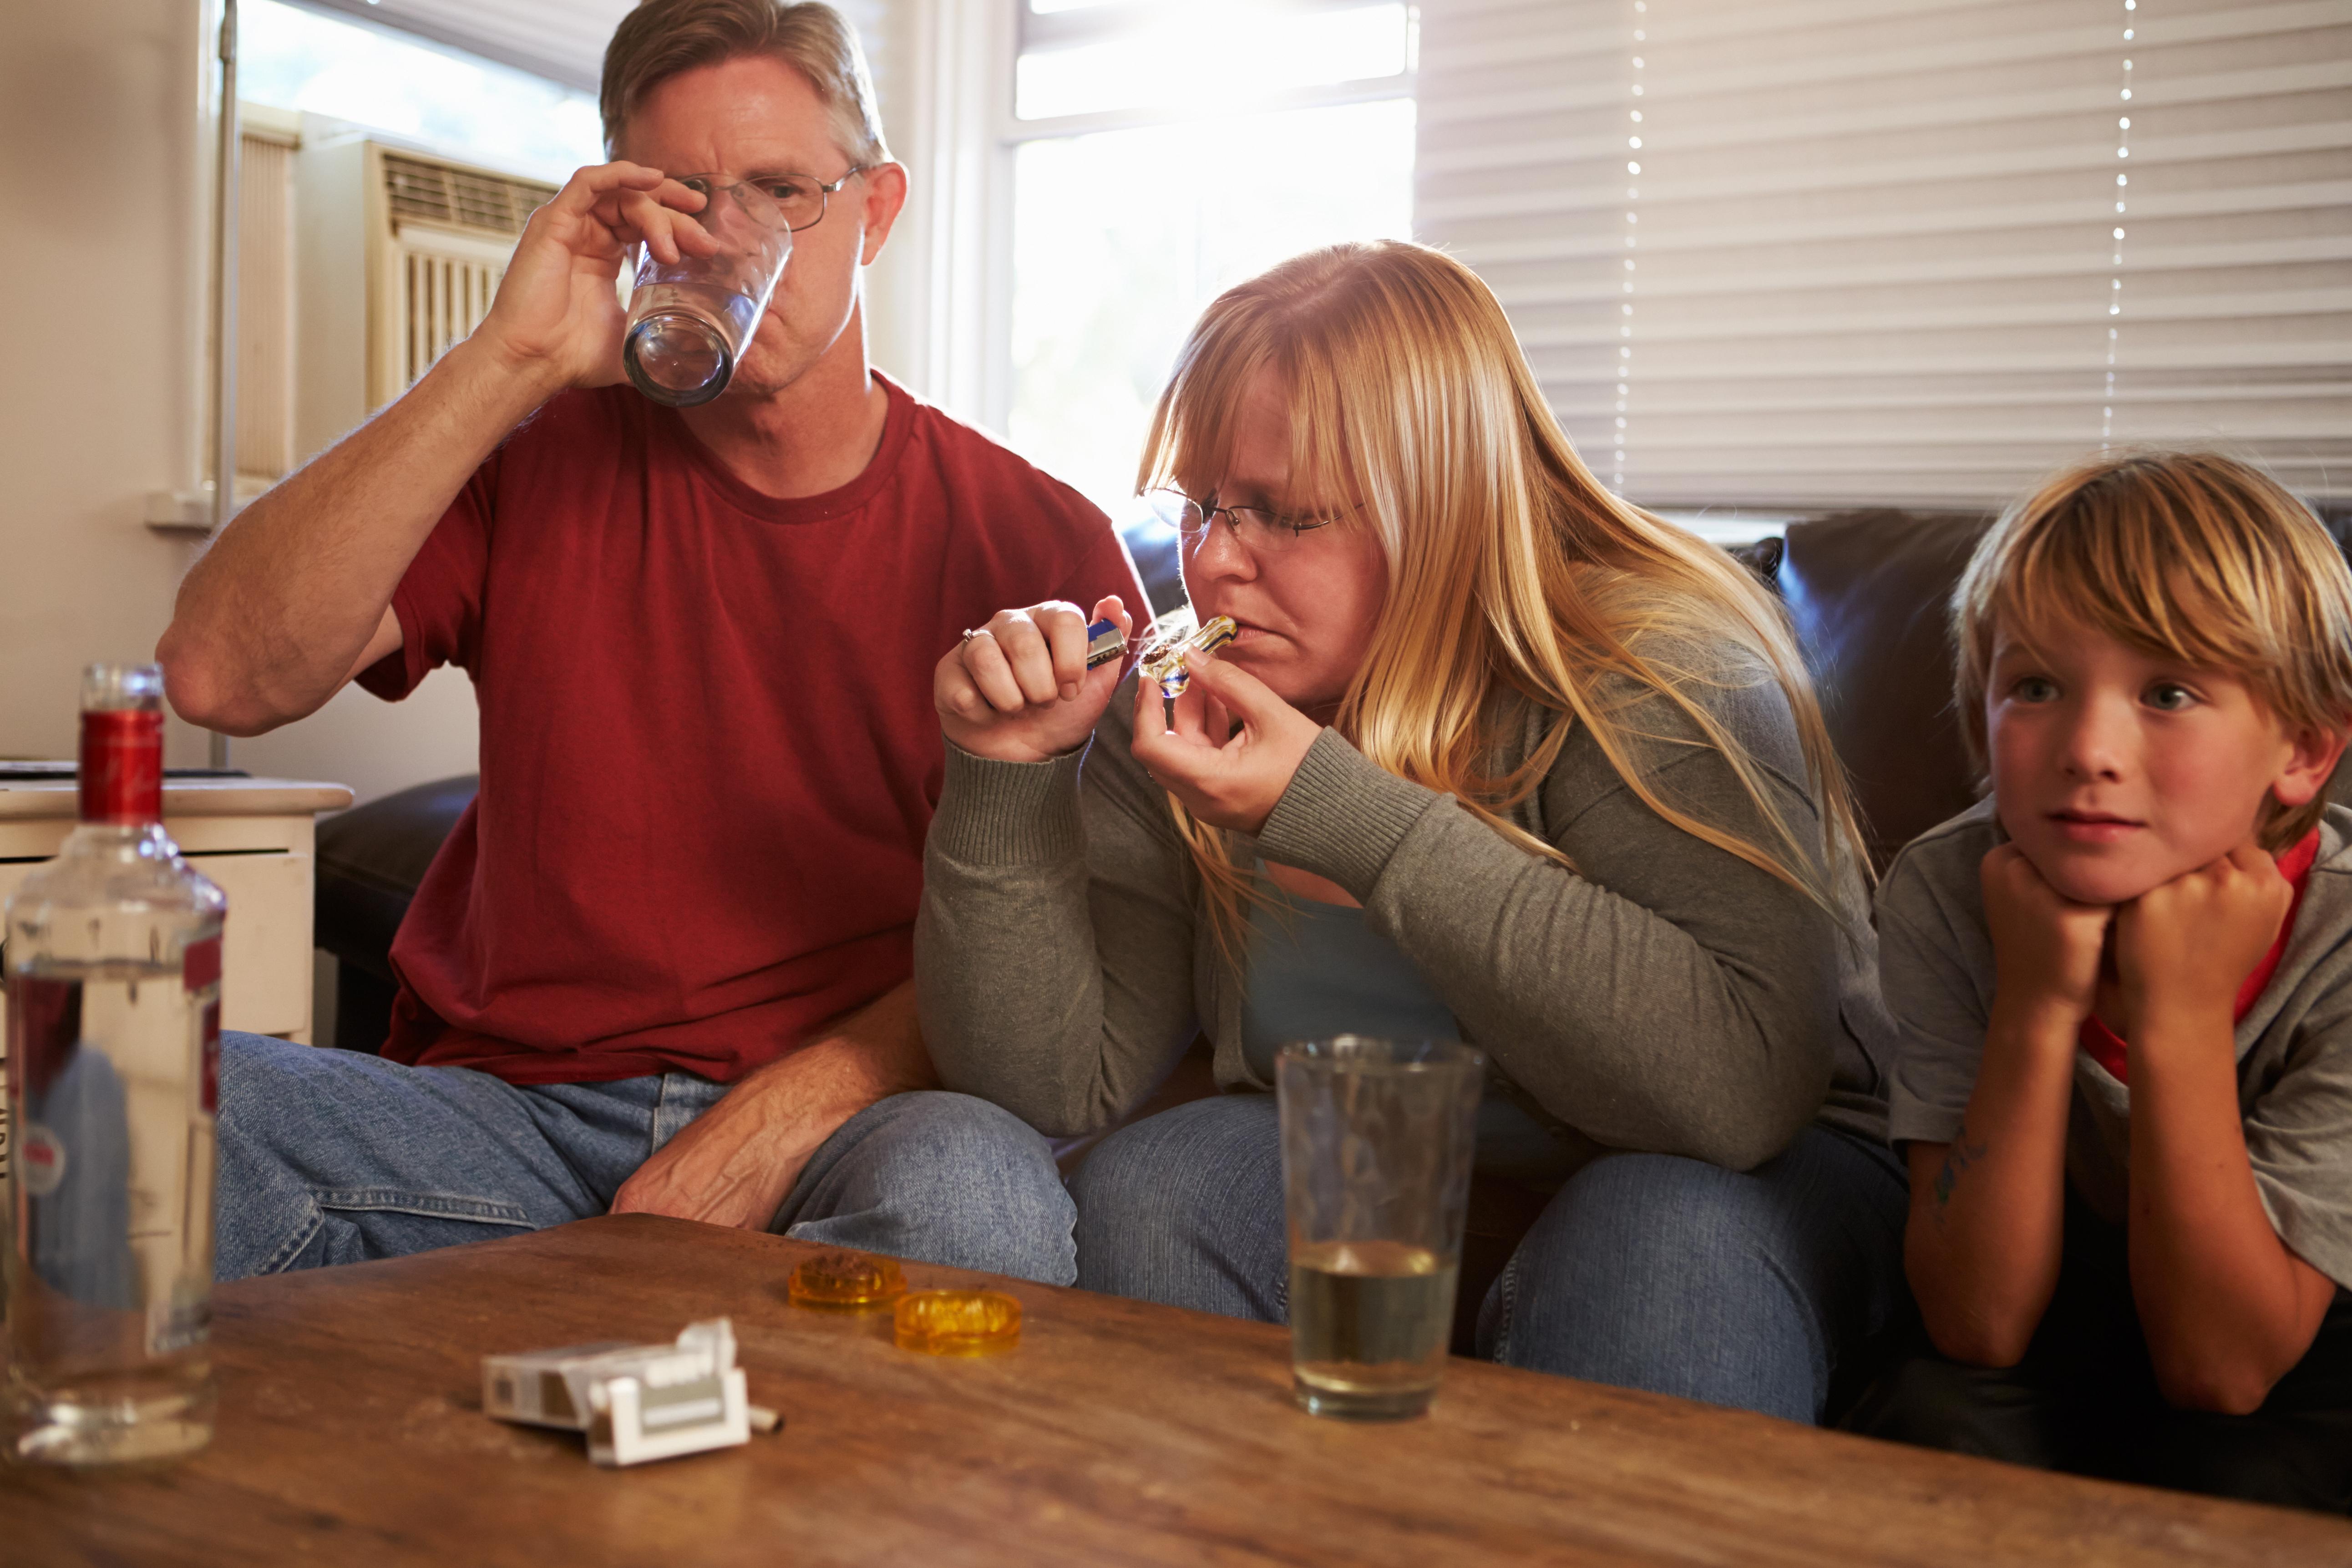 For barn med foreldre med alkohol- eller rusproblemer kan det være livsnødvendig å snakke med noen som forstår. (Illustrasjonsfoto: Colourbox)